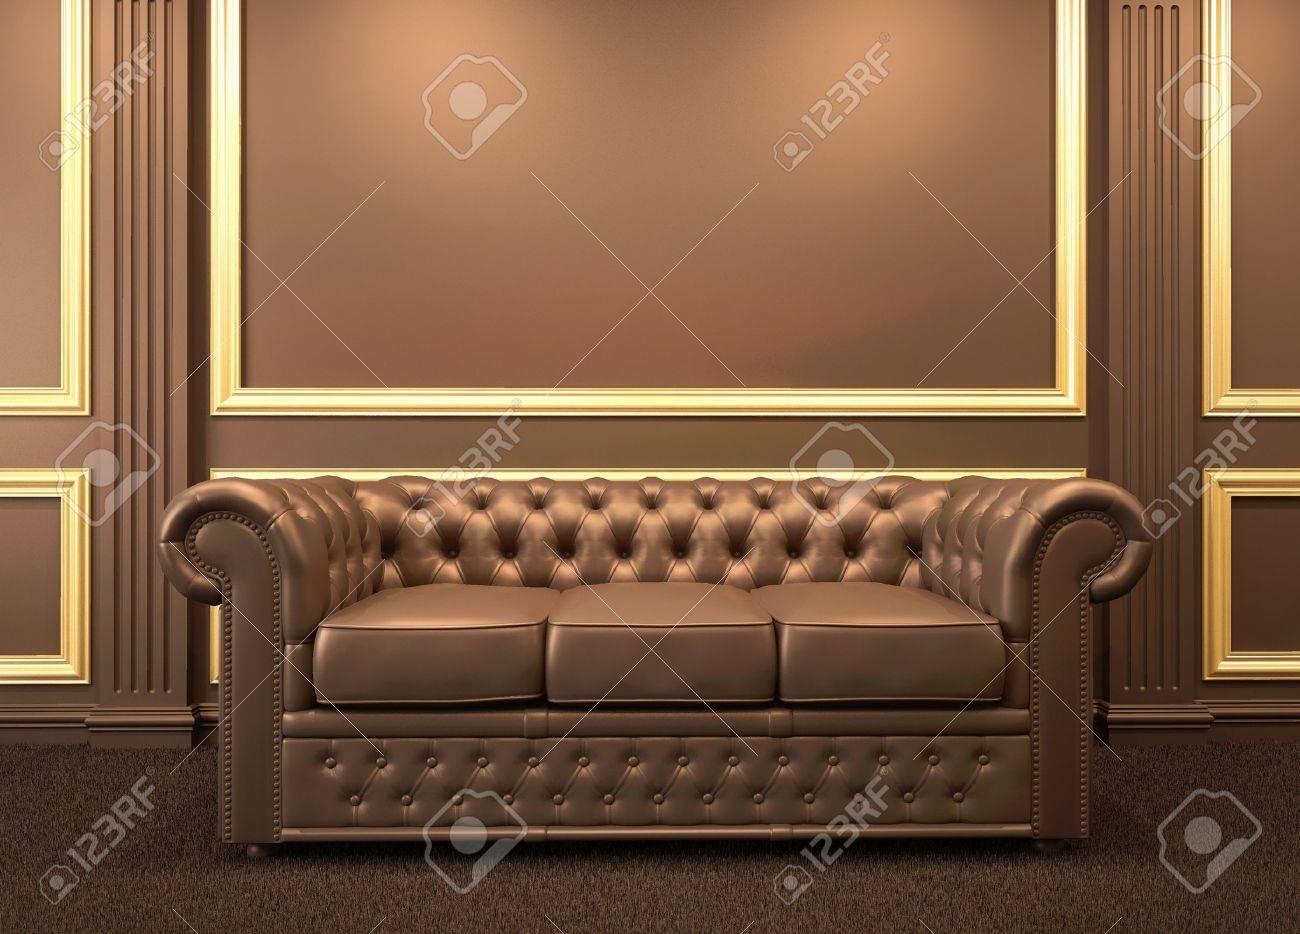 banque dimages chesterfield canap moderne lintrieur en bois avec cadre en or